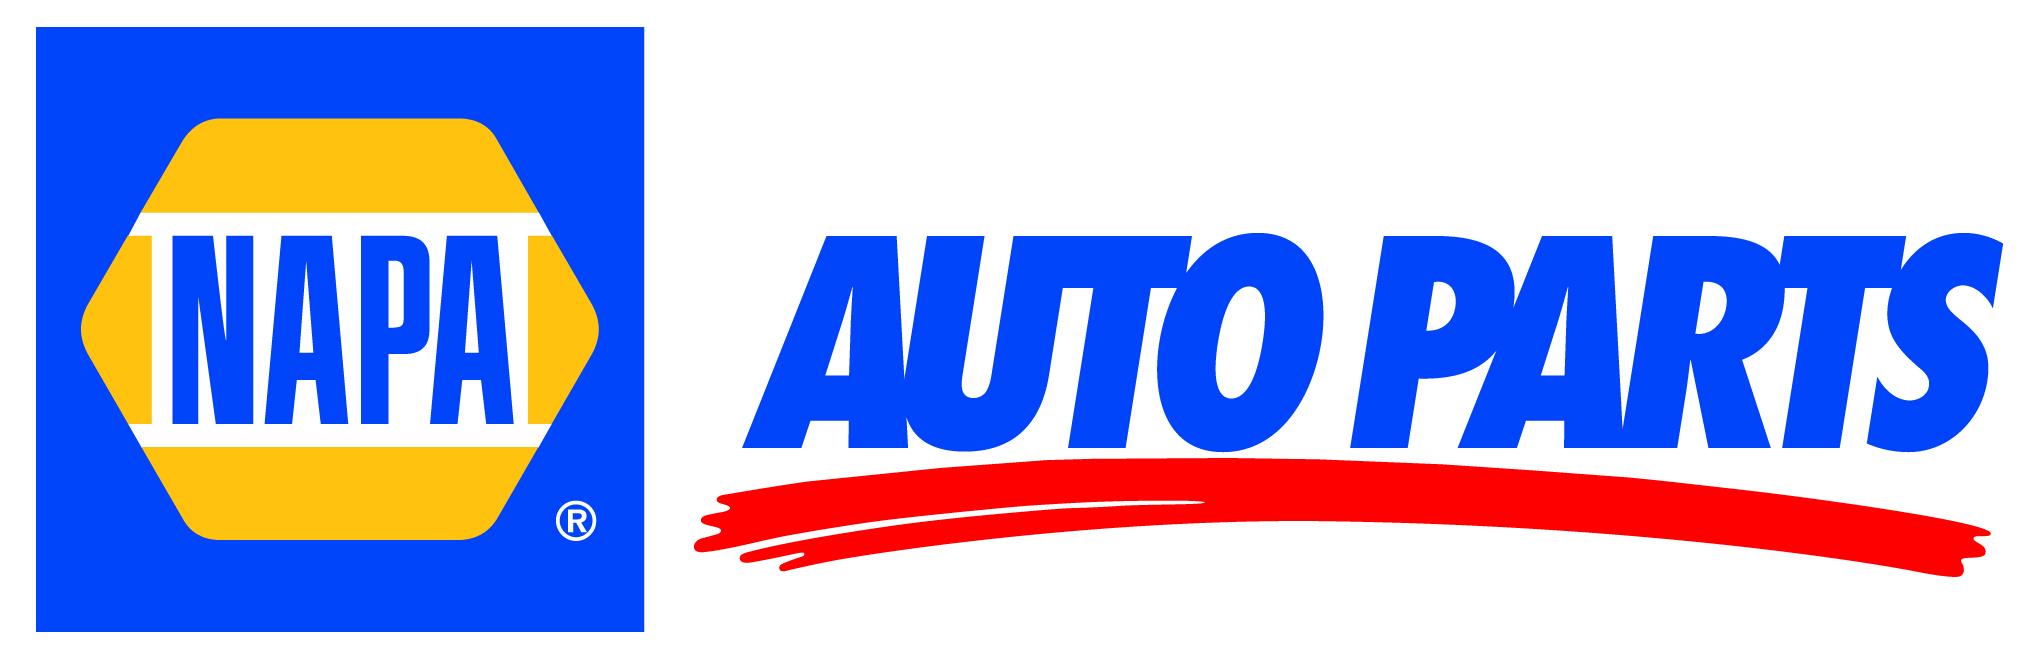 Napa logo clip art.